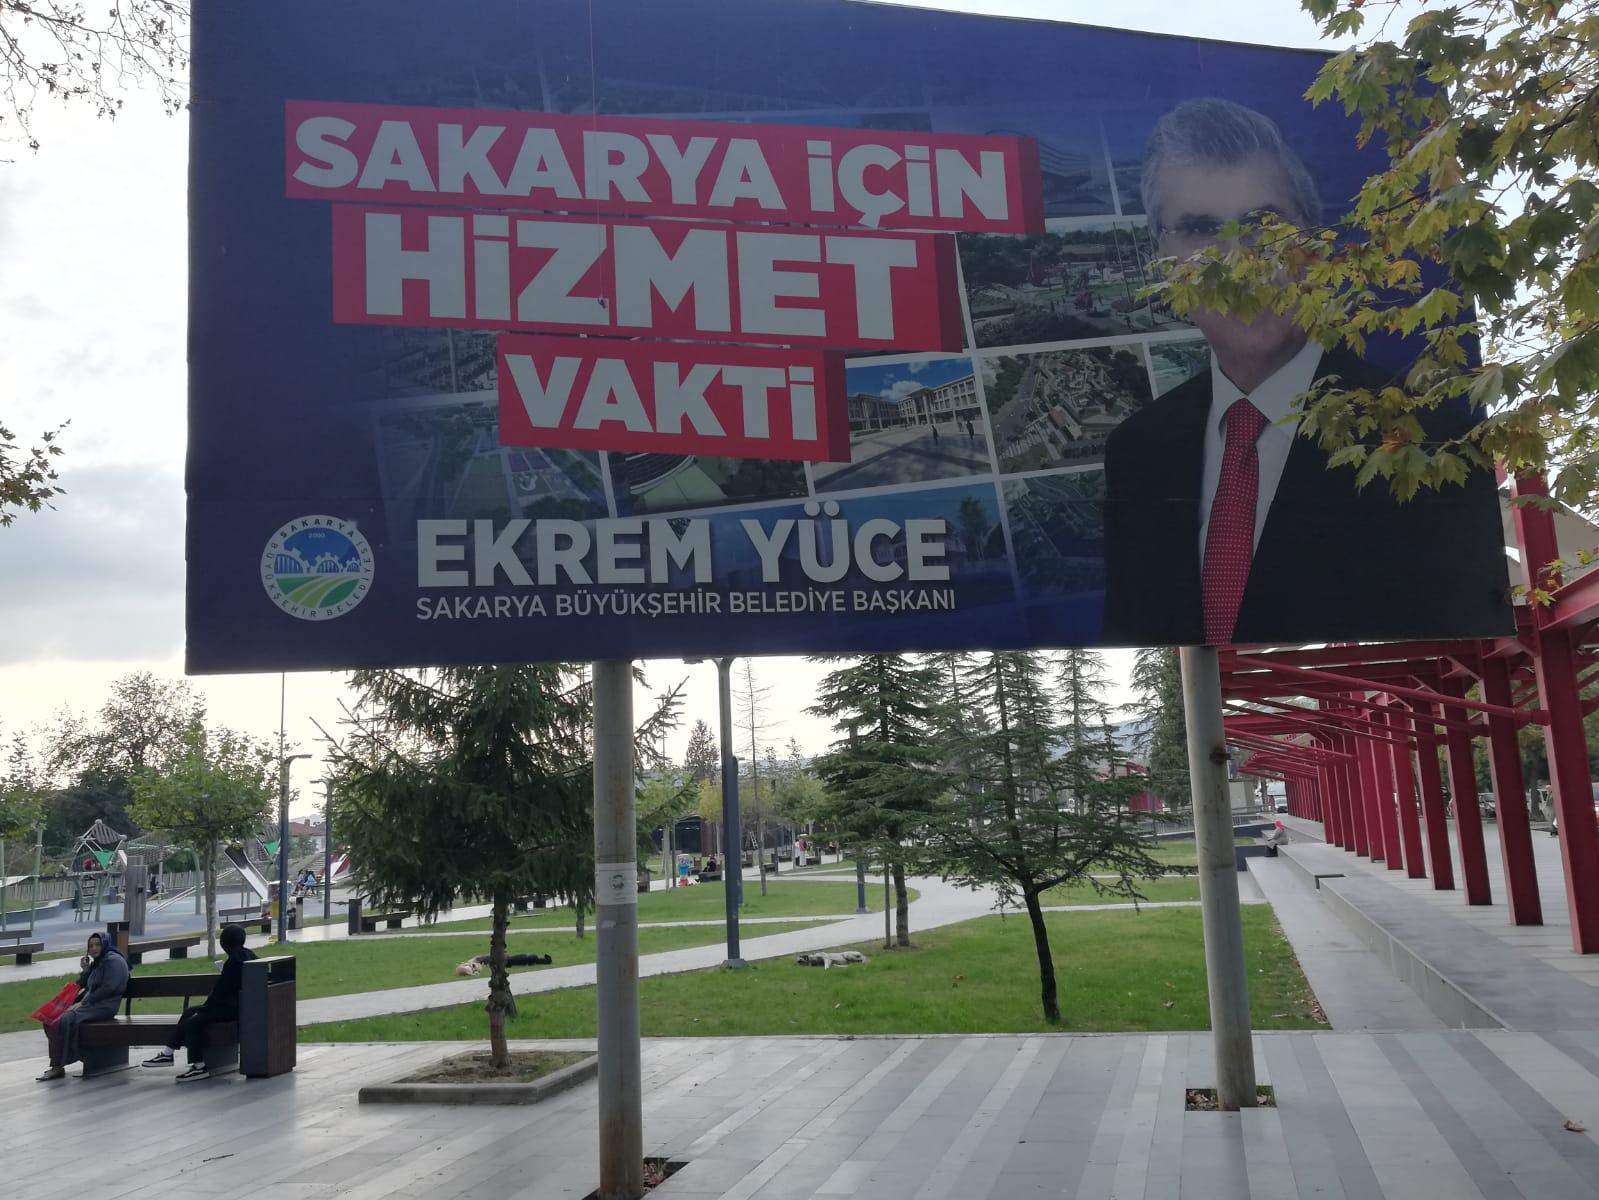 Atatürk Parkımı, Ekrem Yüce Parkımı?